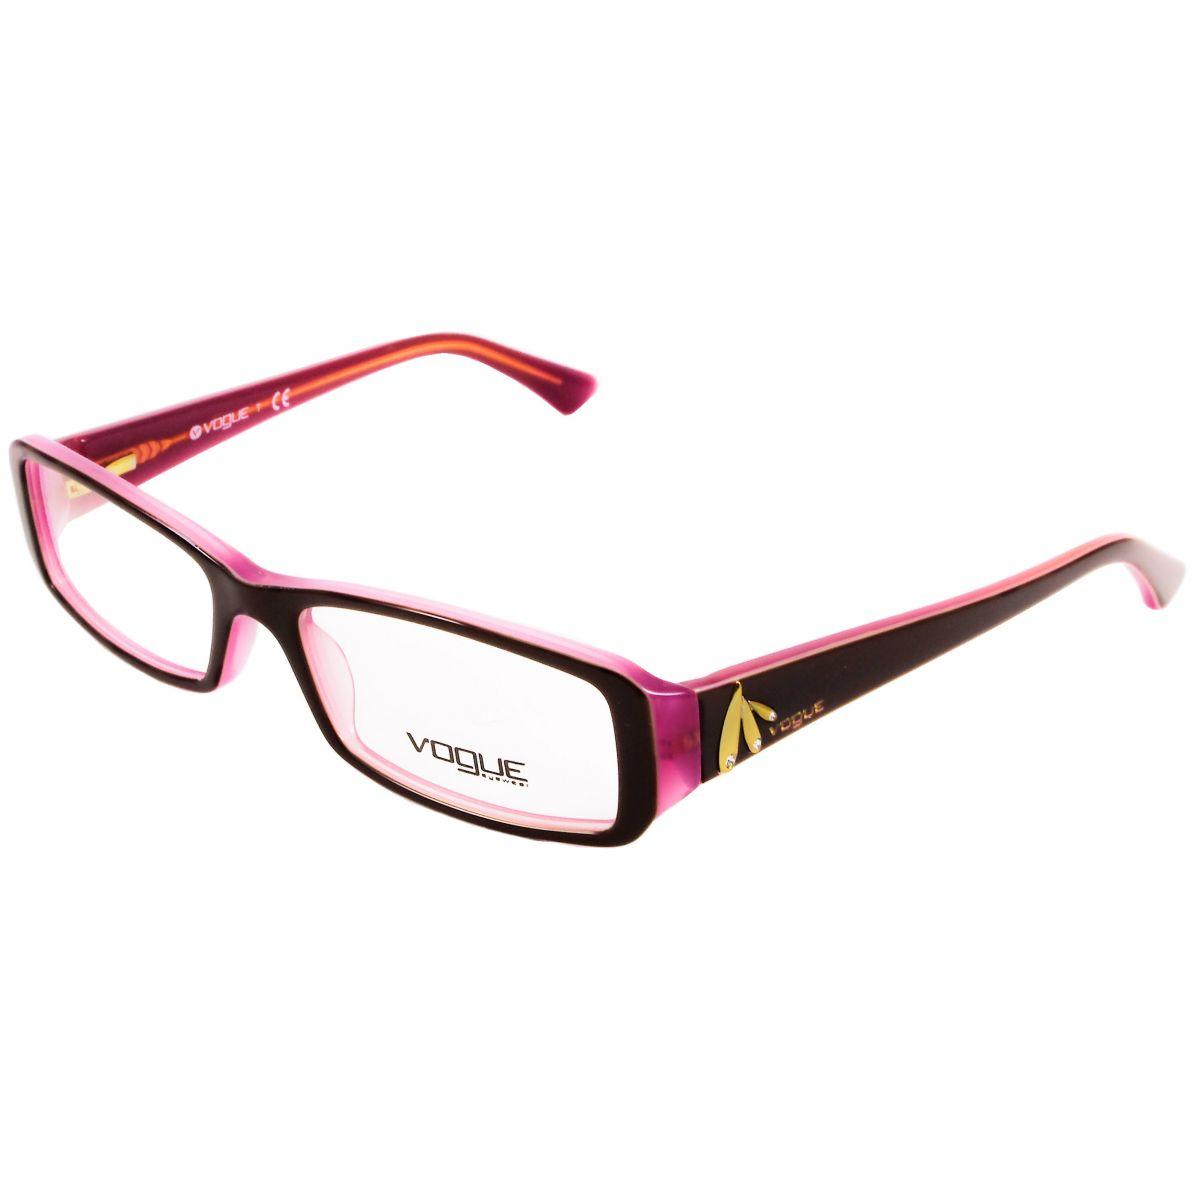 Oculos Feminino De Grau   City of Kenmore, Washington 24f540136a